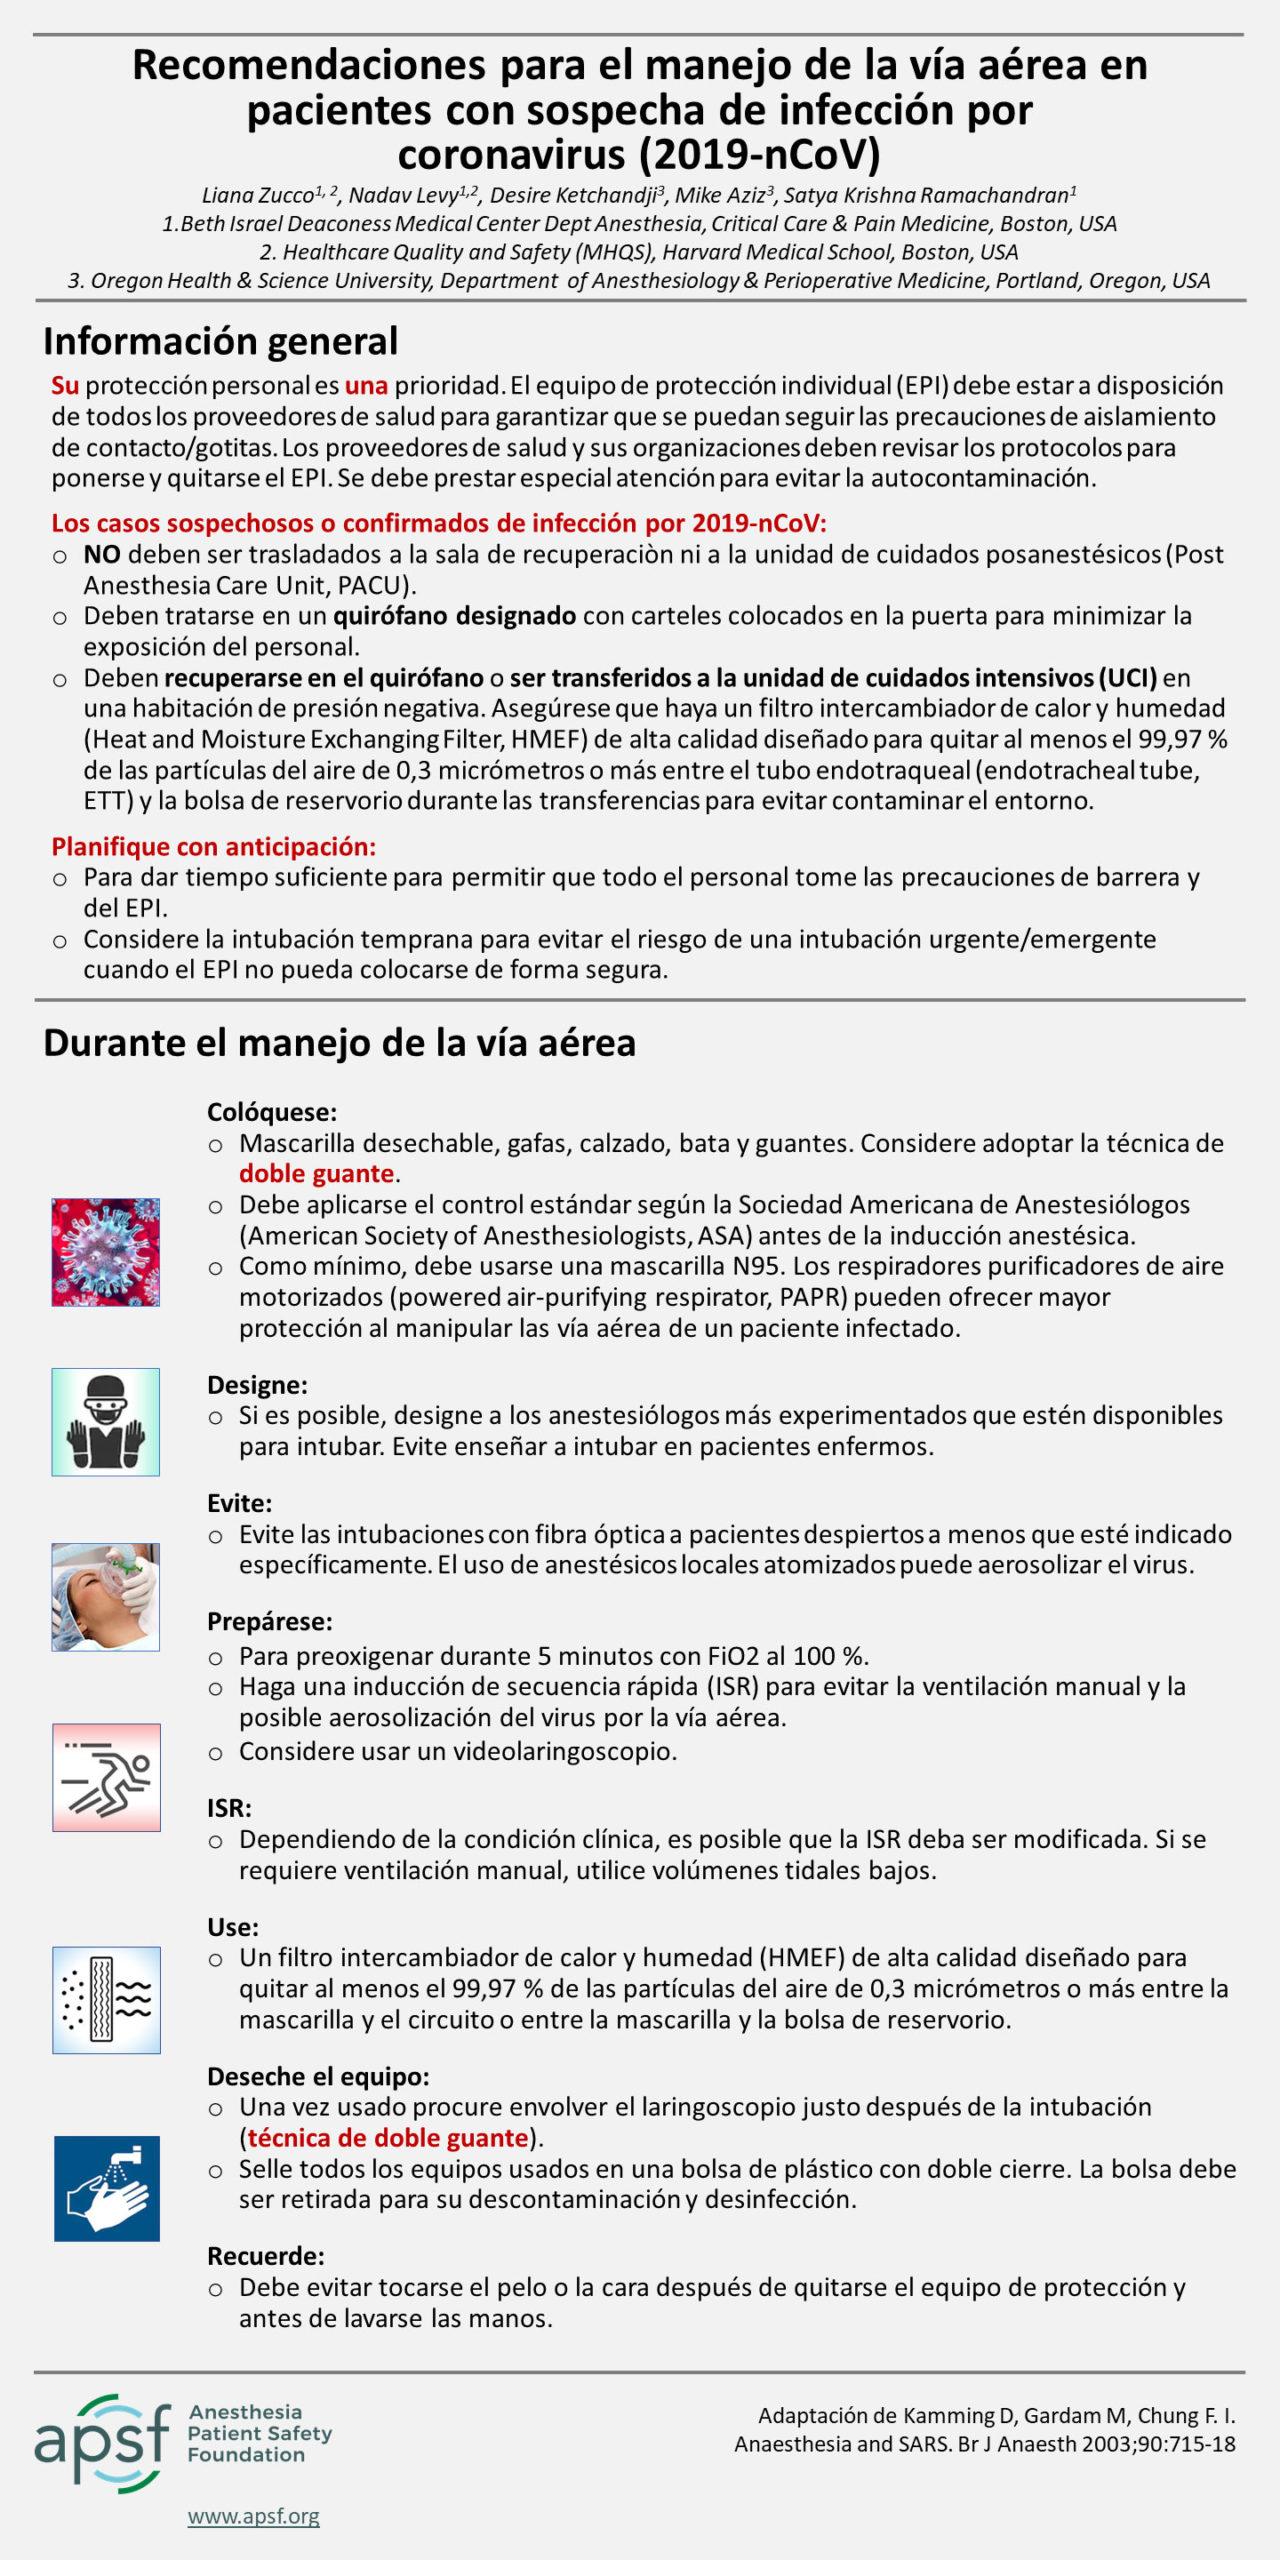 Recomendaciones para el manejo de las vías respiratorias en un paciente con sospecha de infección por coronavirus (2019-nCoV)